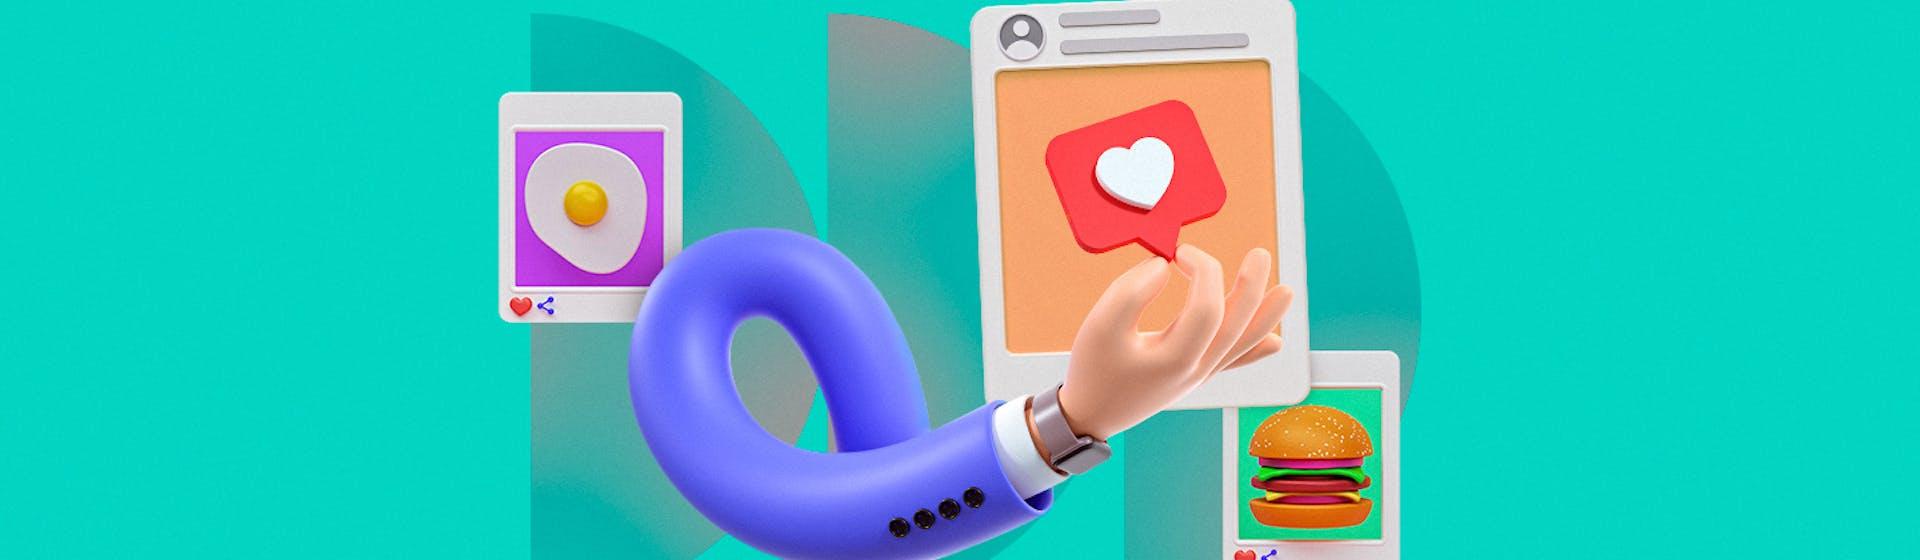 29 tipos de contenidos para redes sociales que te salvarán el día y se lo harán a quien los vea